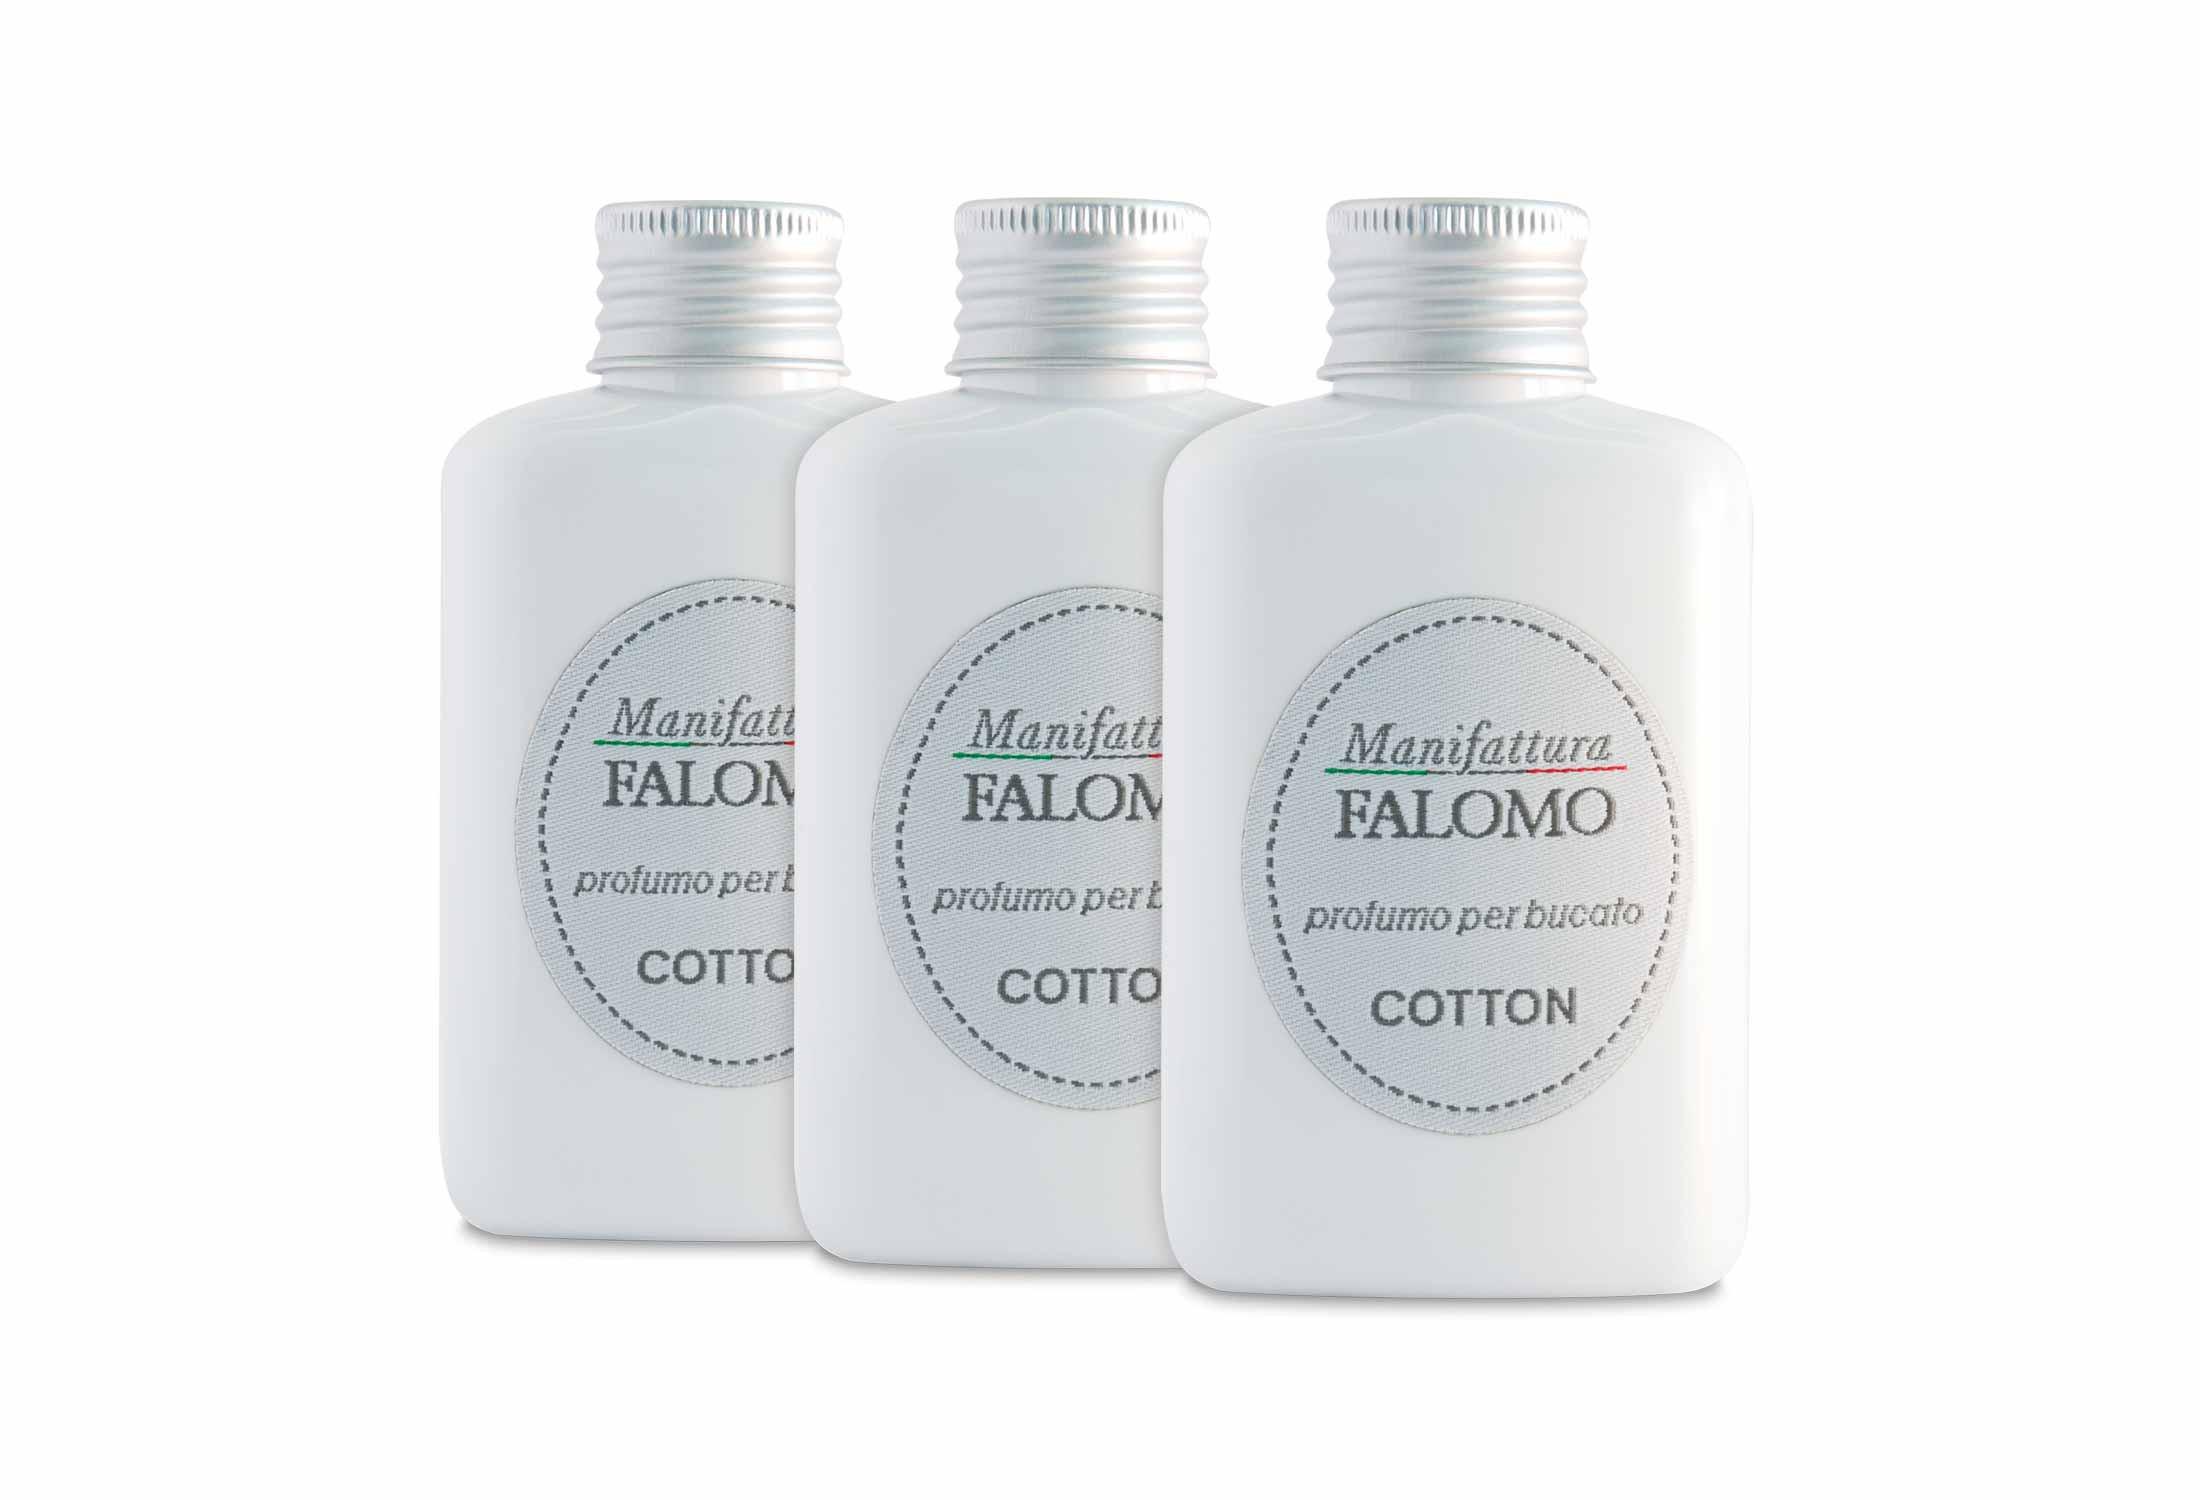 Profumo per il bucato Cotton | Manifattura Falomo